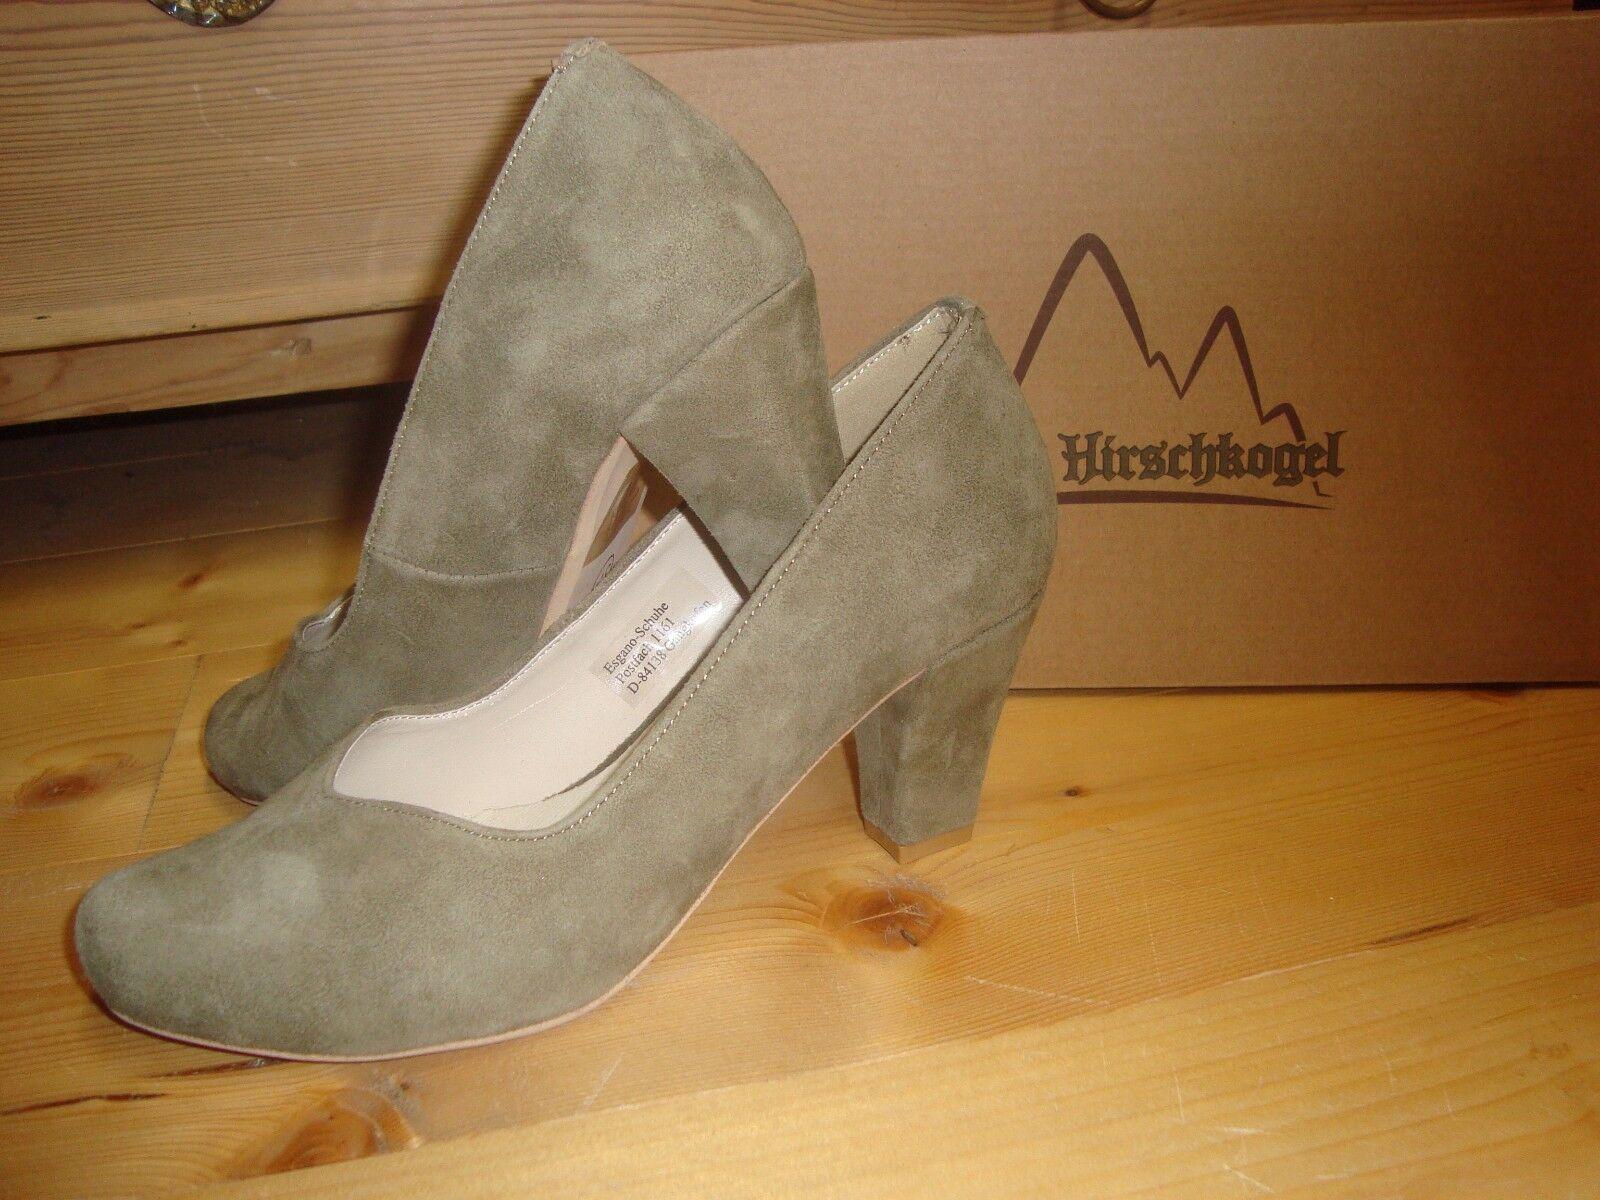 Hirschkogel Trachten Pumps Schuhe khaki Damen Gr. 36 37 39 41